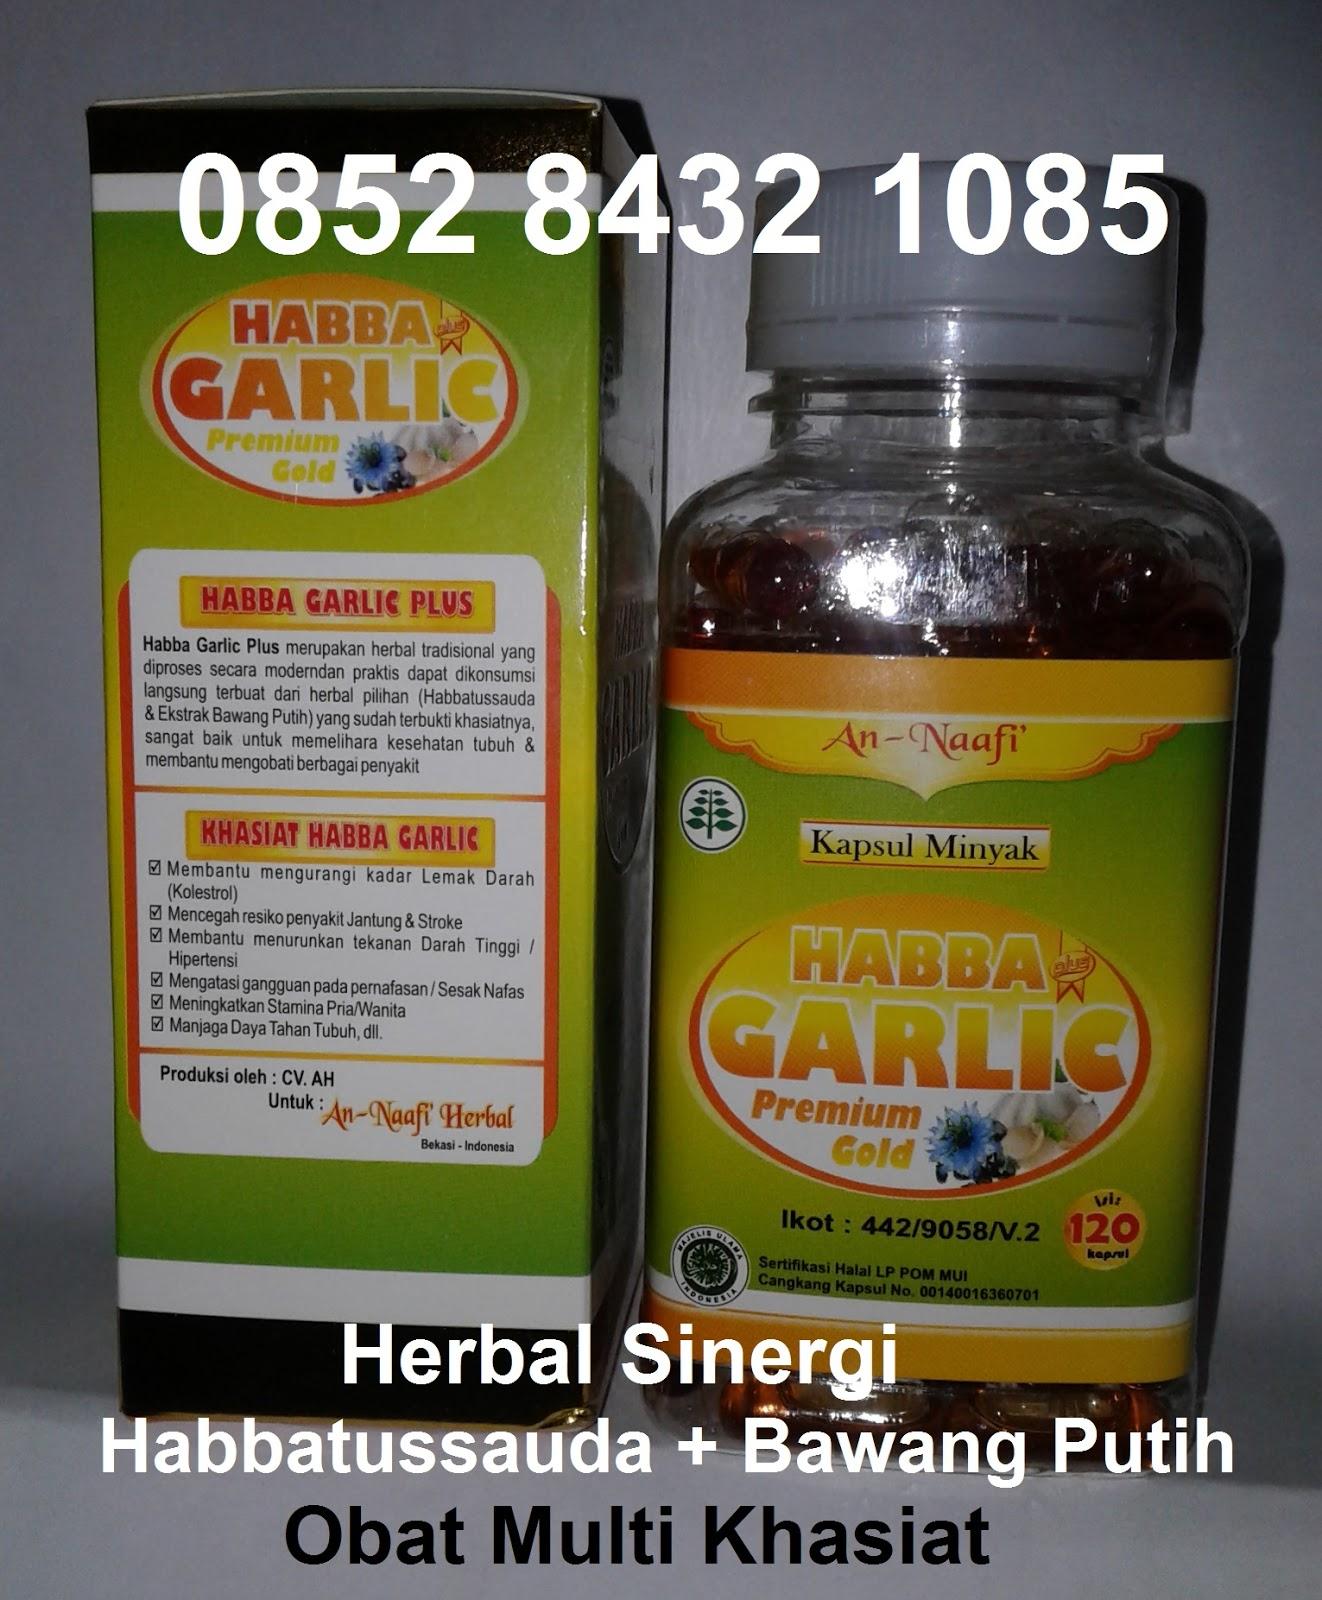 Jual Obat Jantung Koroner Gravistro Welcome To Ice Capsule Sakit Resep Herbal Alami Penyakit Dengan Daun Sukun